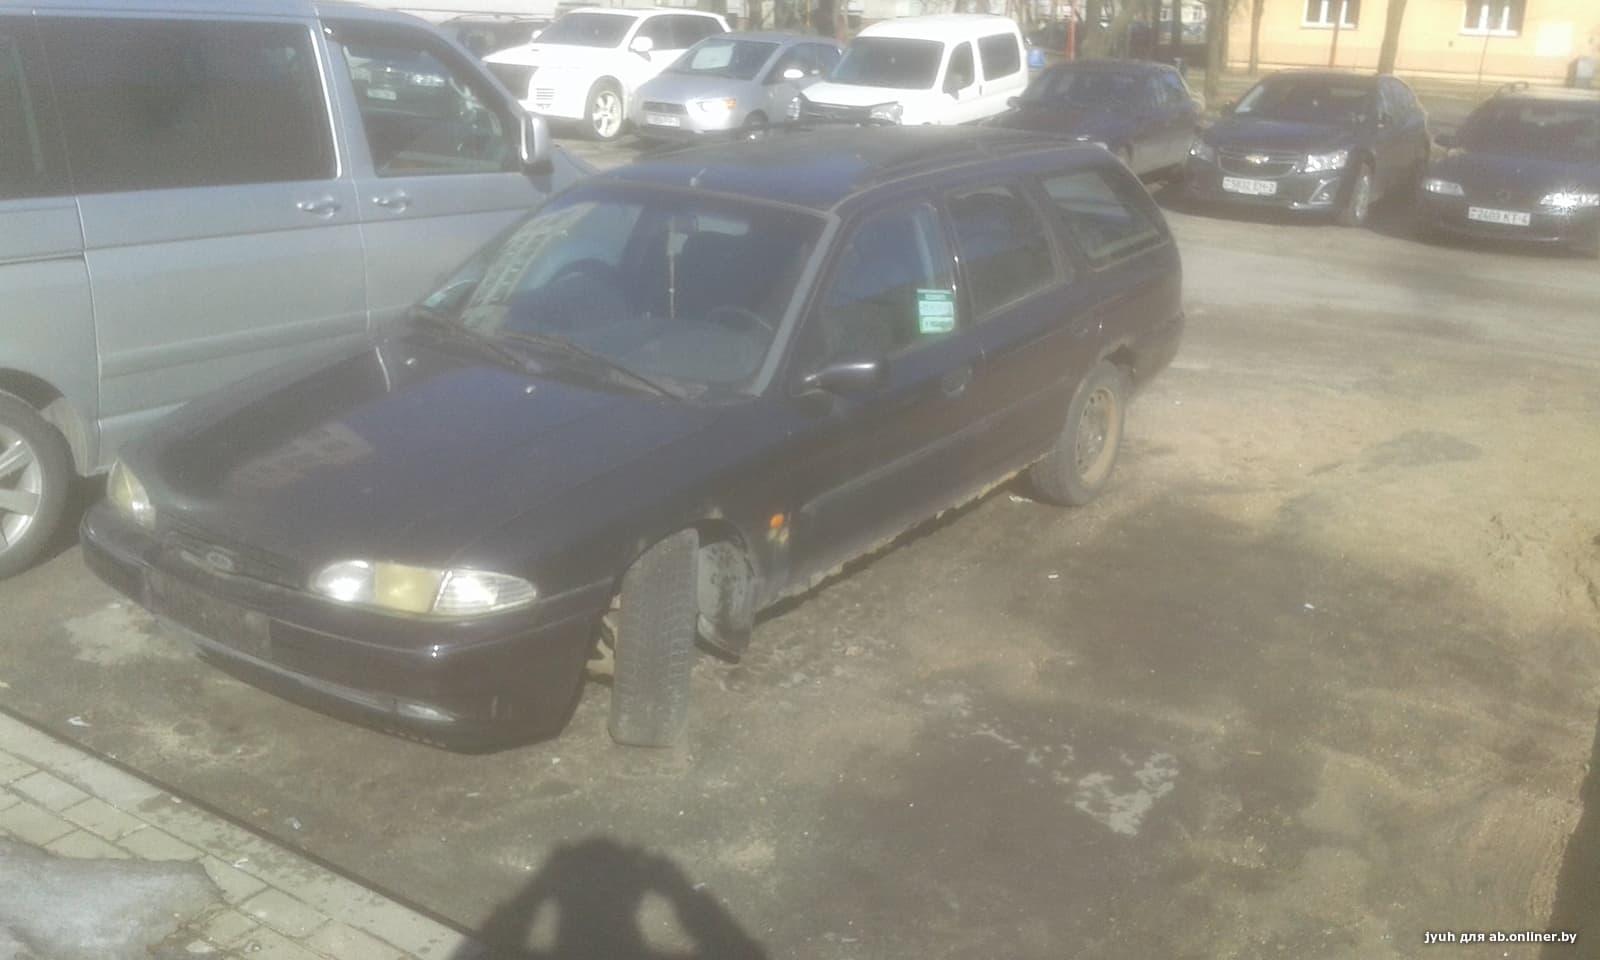 Ford Mondeo zetec